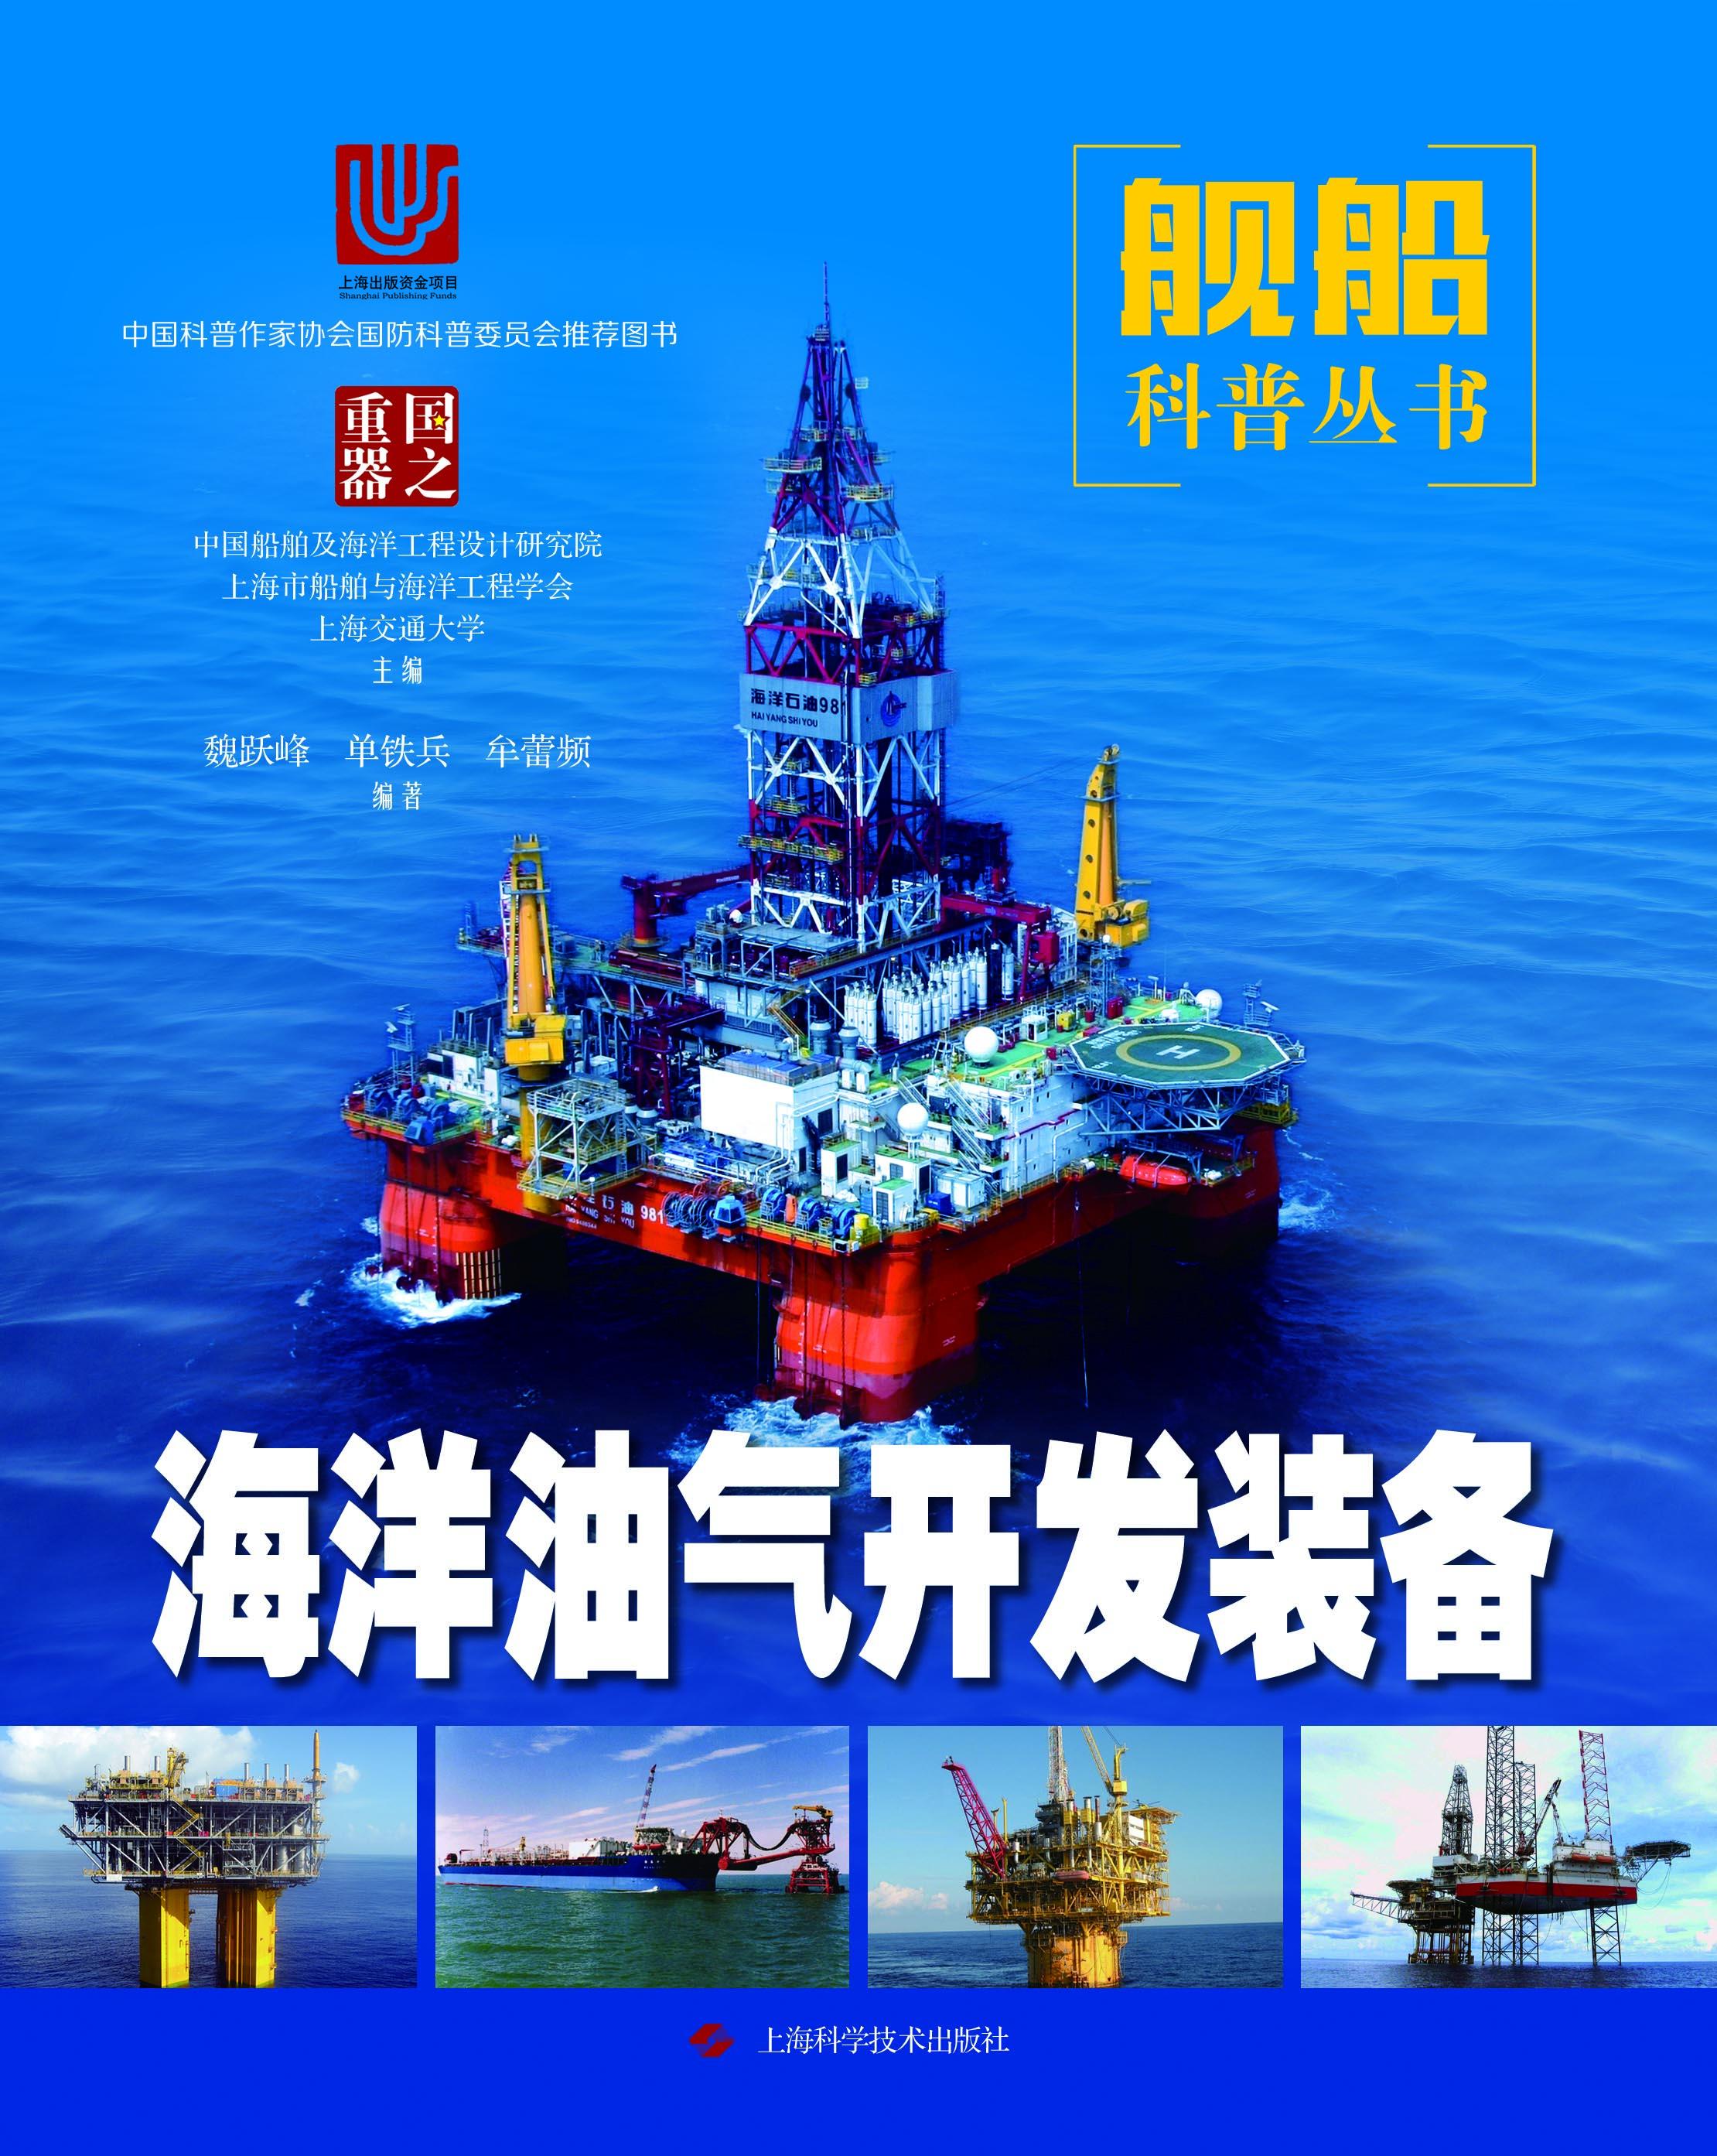 我国首套全谱系舰船科普丛书出版,解读航母等19种舰船